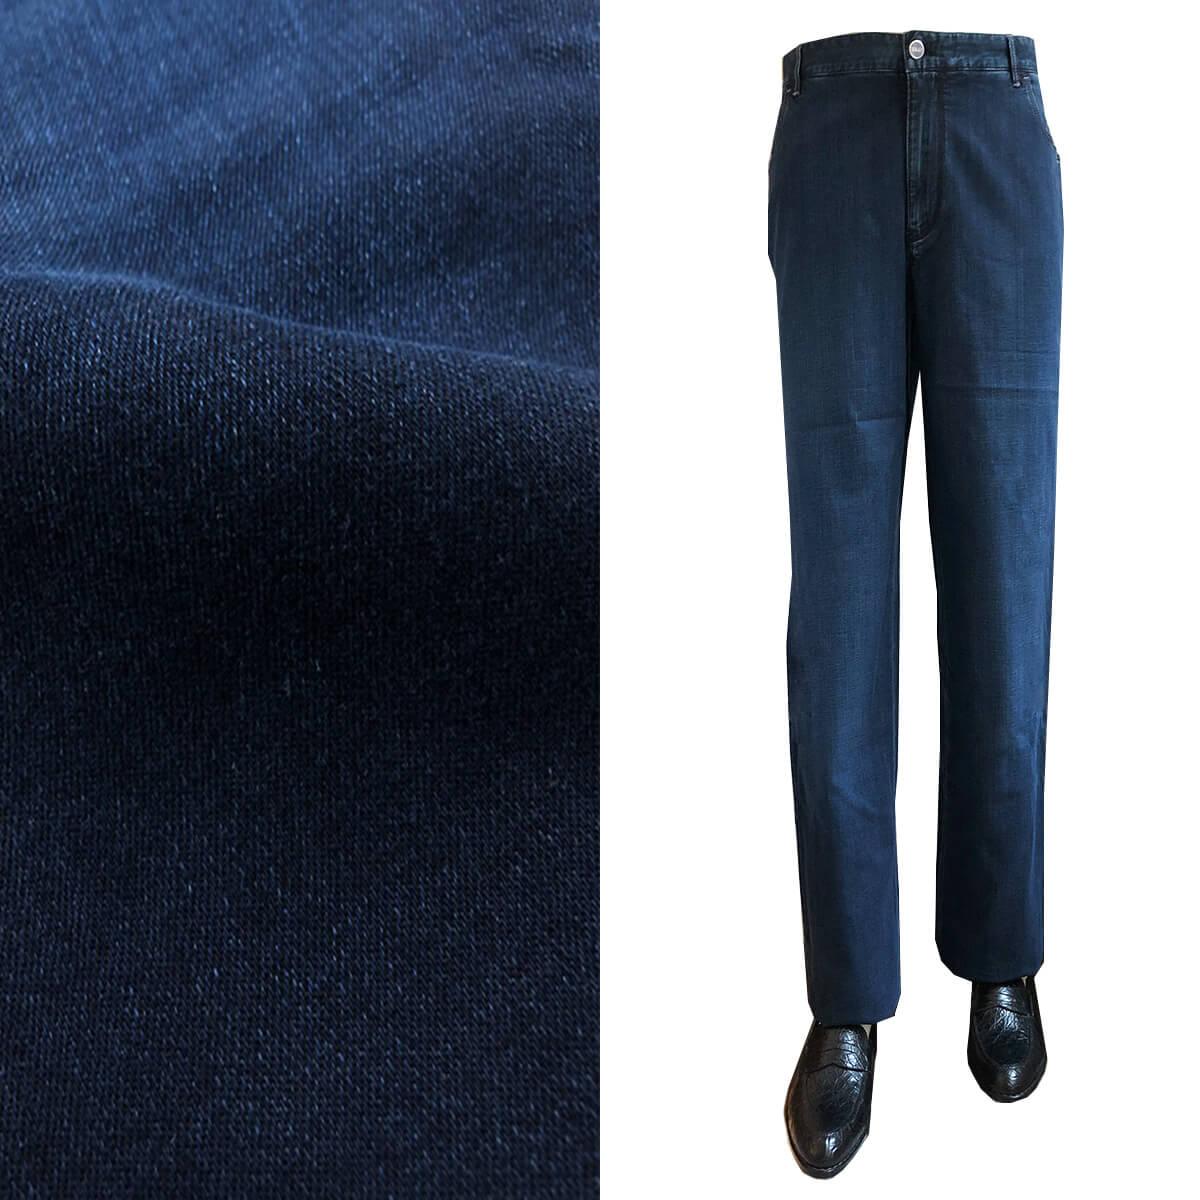 ZILLI (ジリー)パンツ ボトムス メンズ デニム ジーンズ ブランド ZILLI ジリー カジュアル ネイビー 56サイズ 大きいサイズ